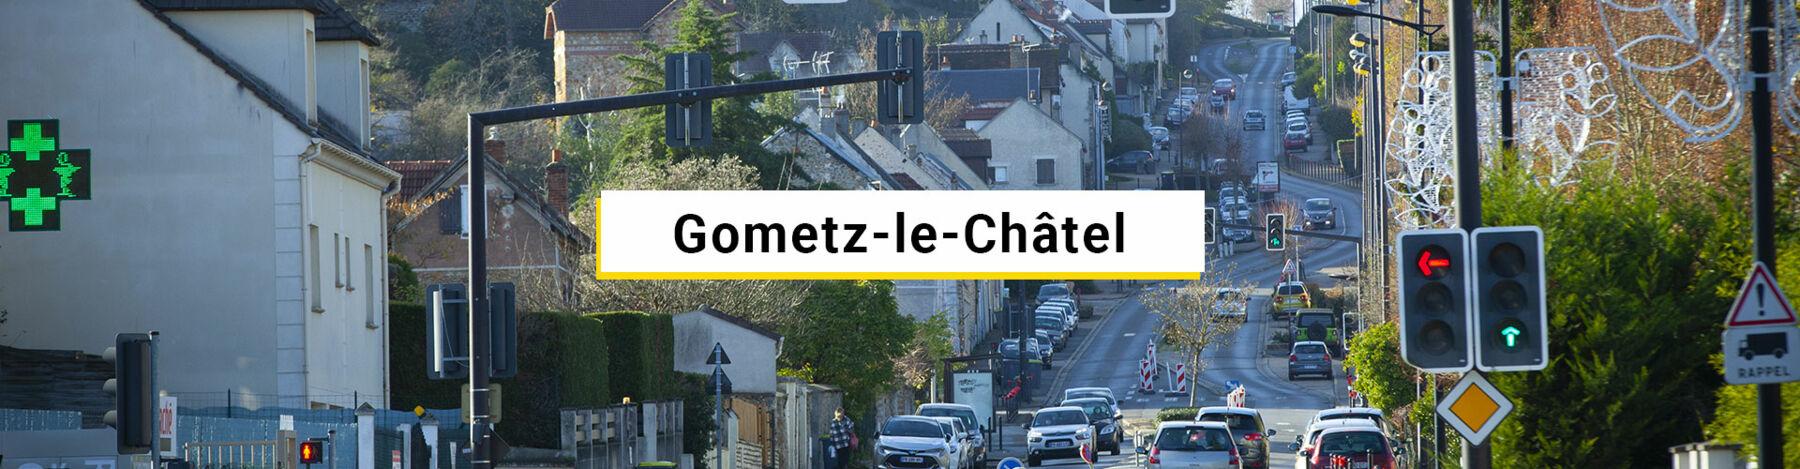 Gometz-Le-Chatel boutiques